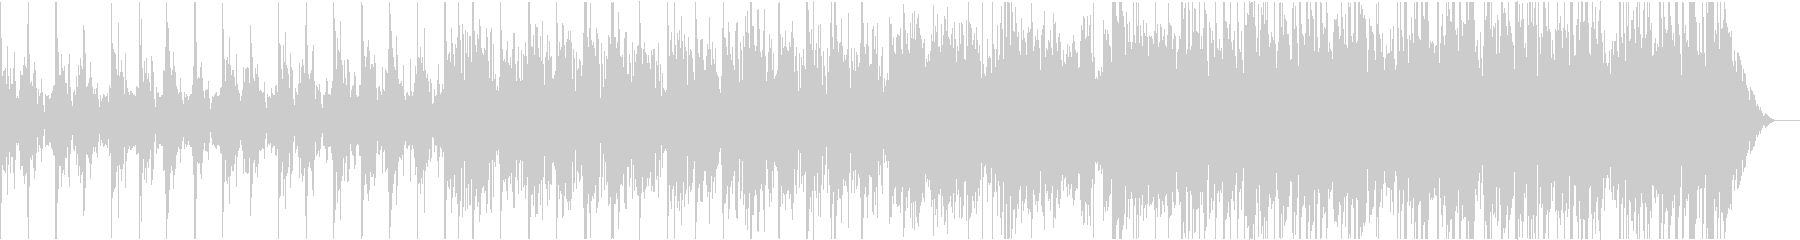 ボレロ風から曲調が大きく変化するBGMの未再生の波形